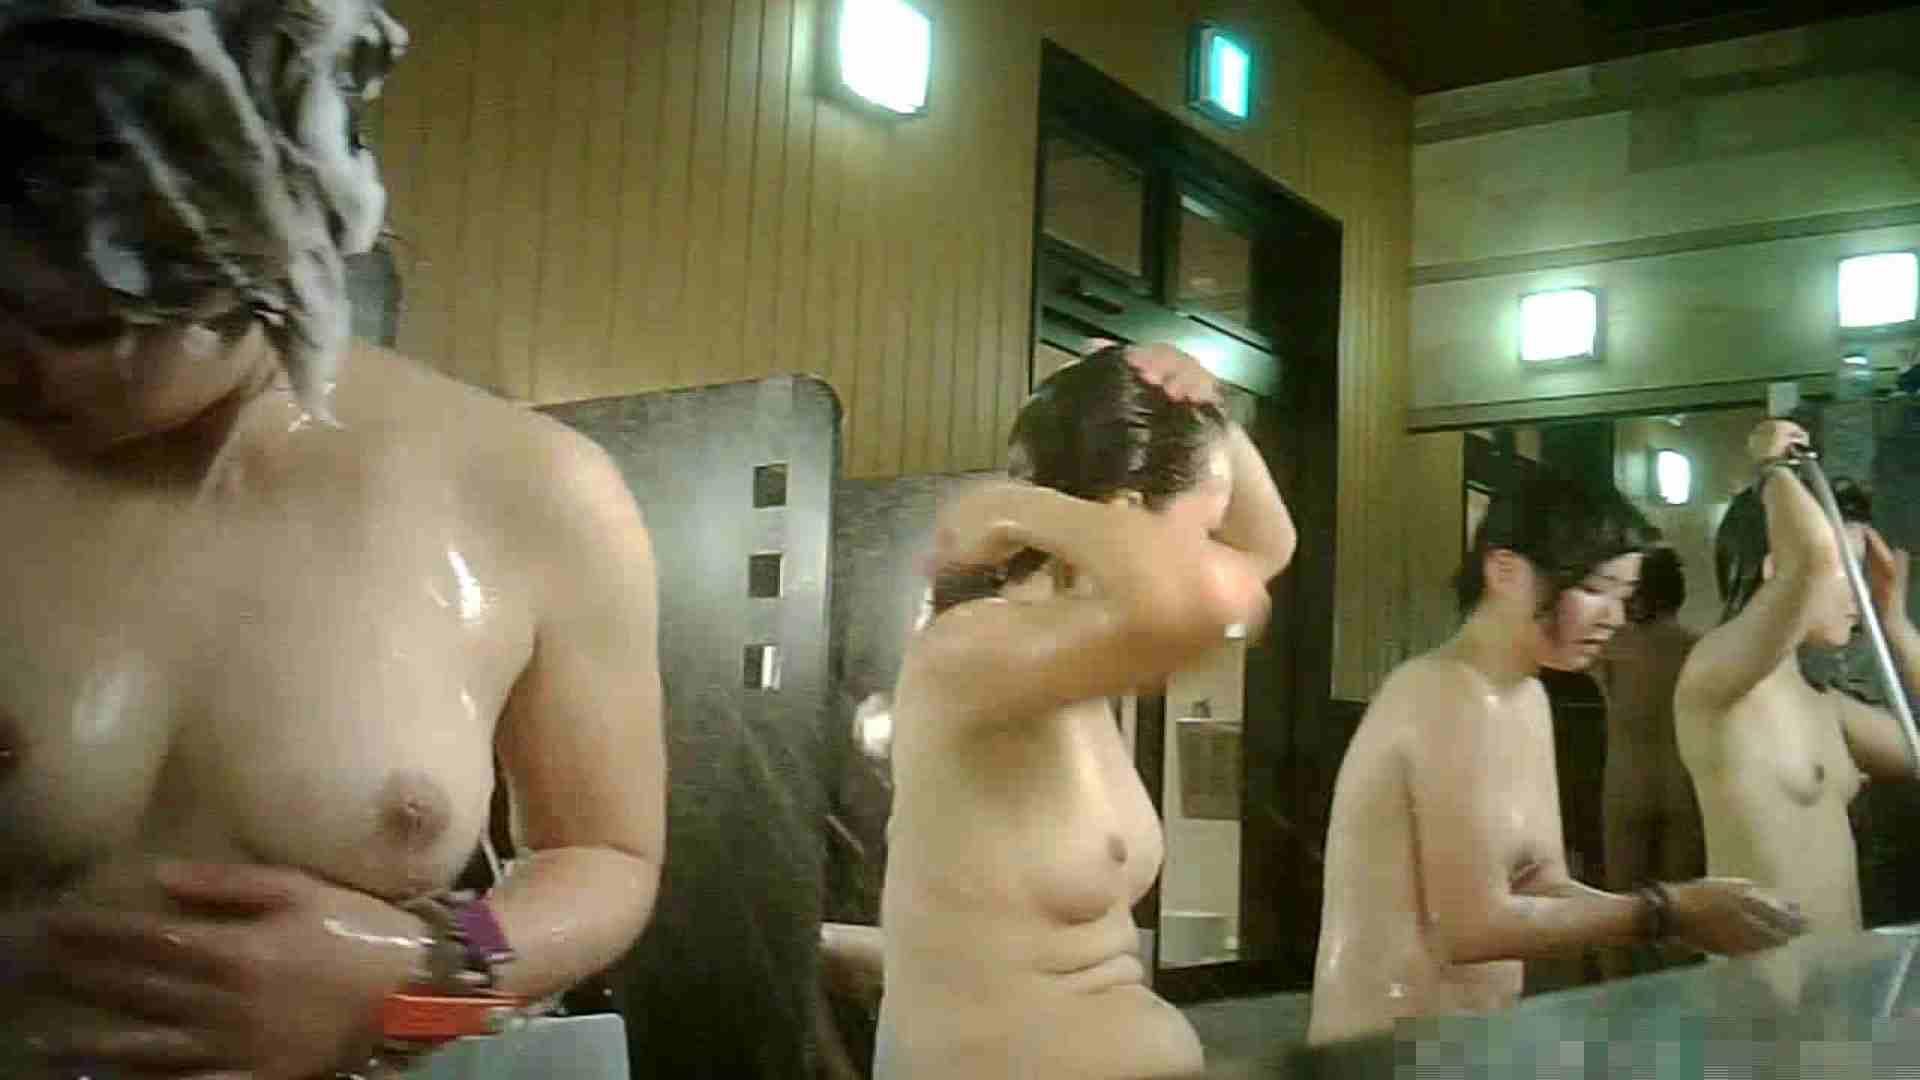 手を染めてしまった女性盗撮師の女風呂潜入記 vol.007 盗撮  68pic 32